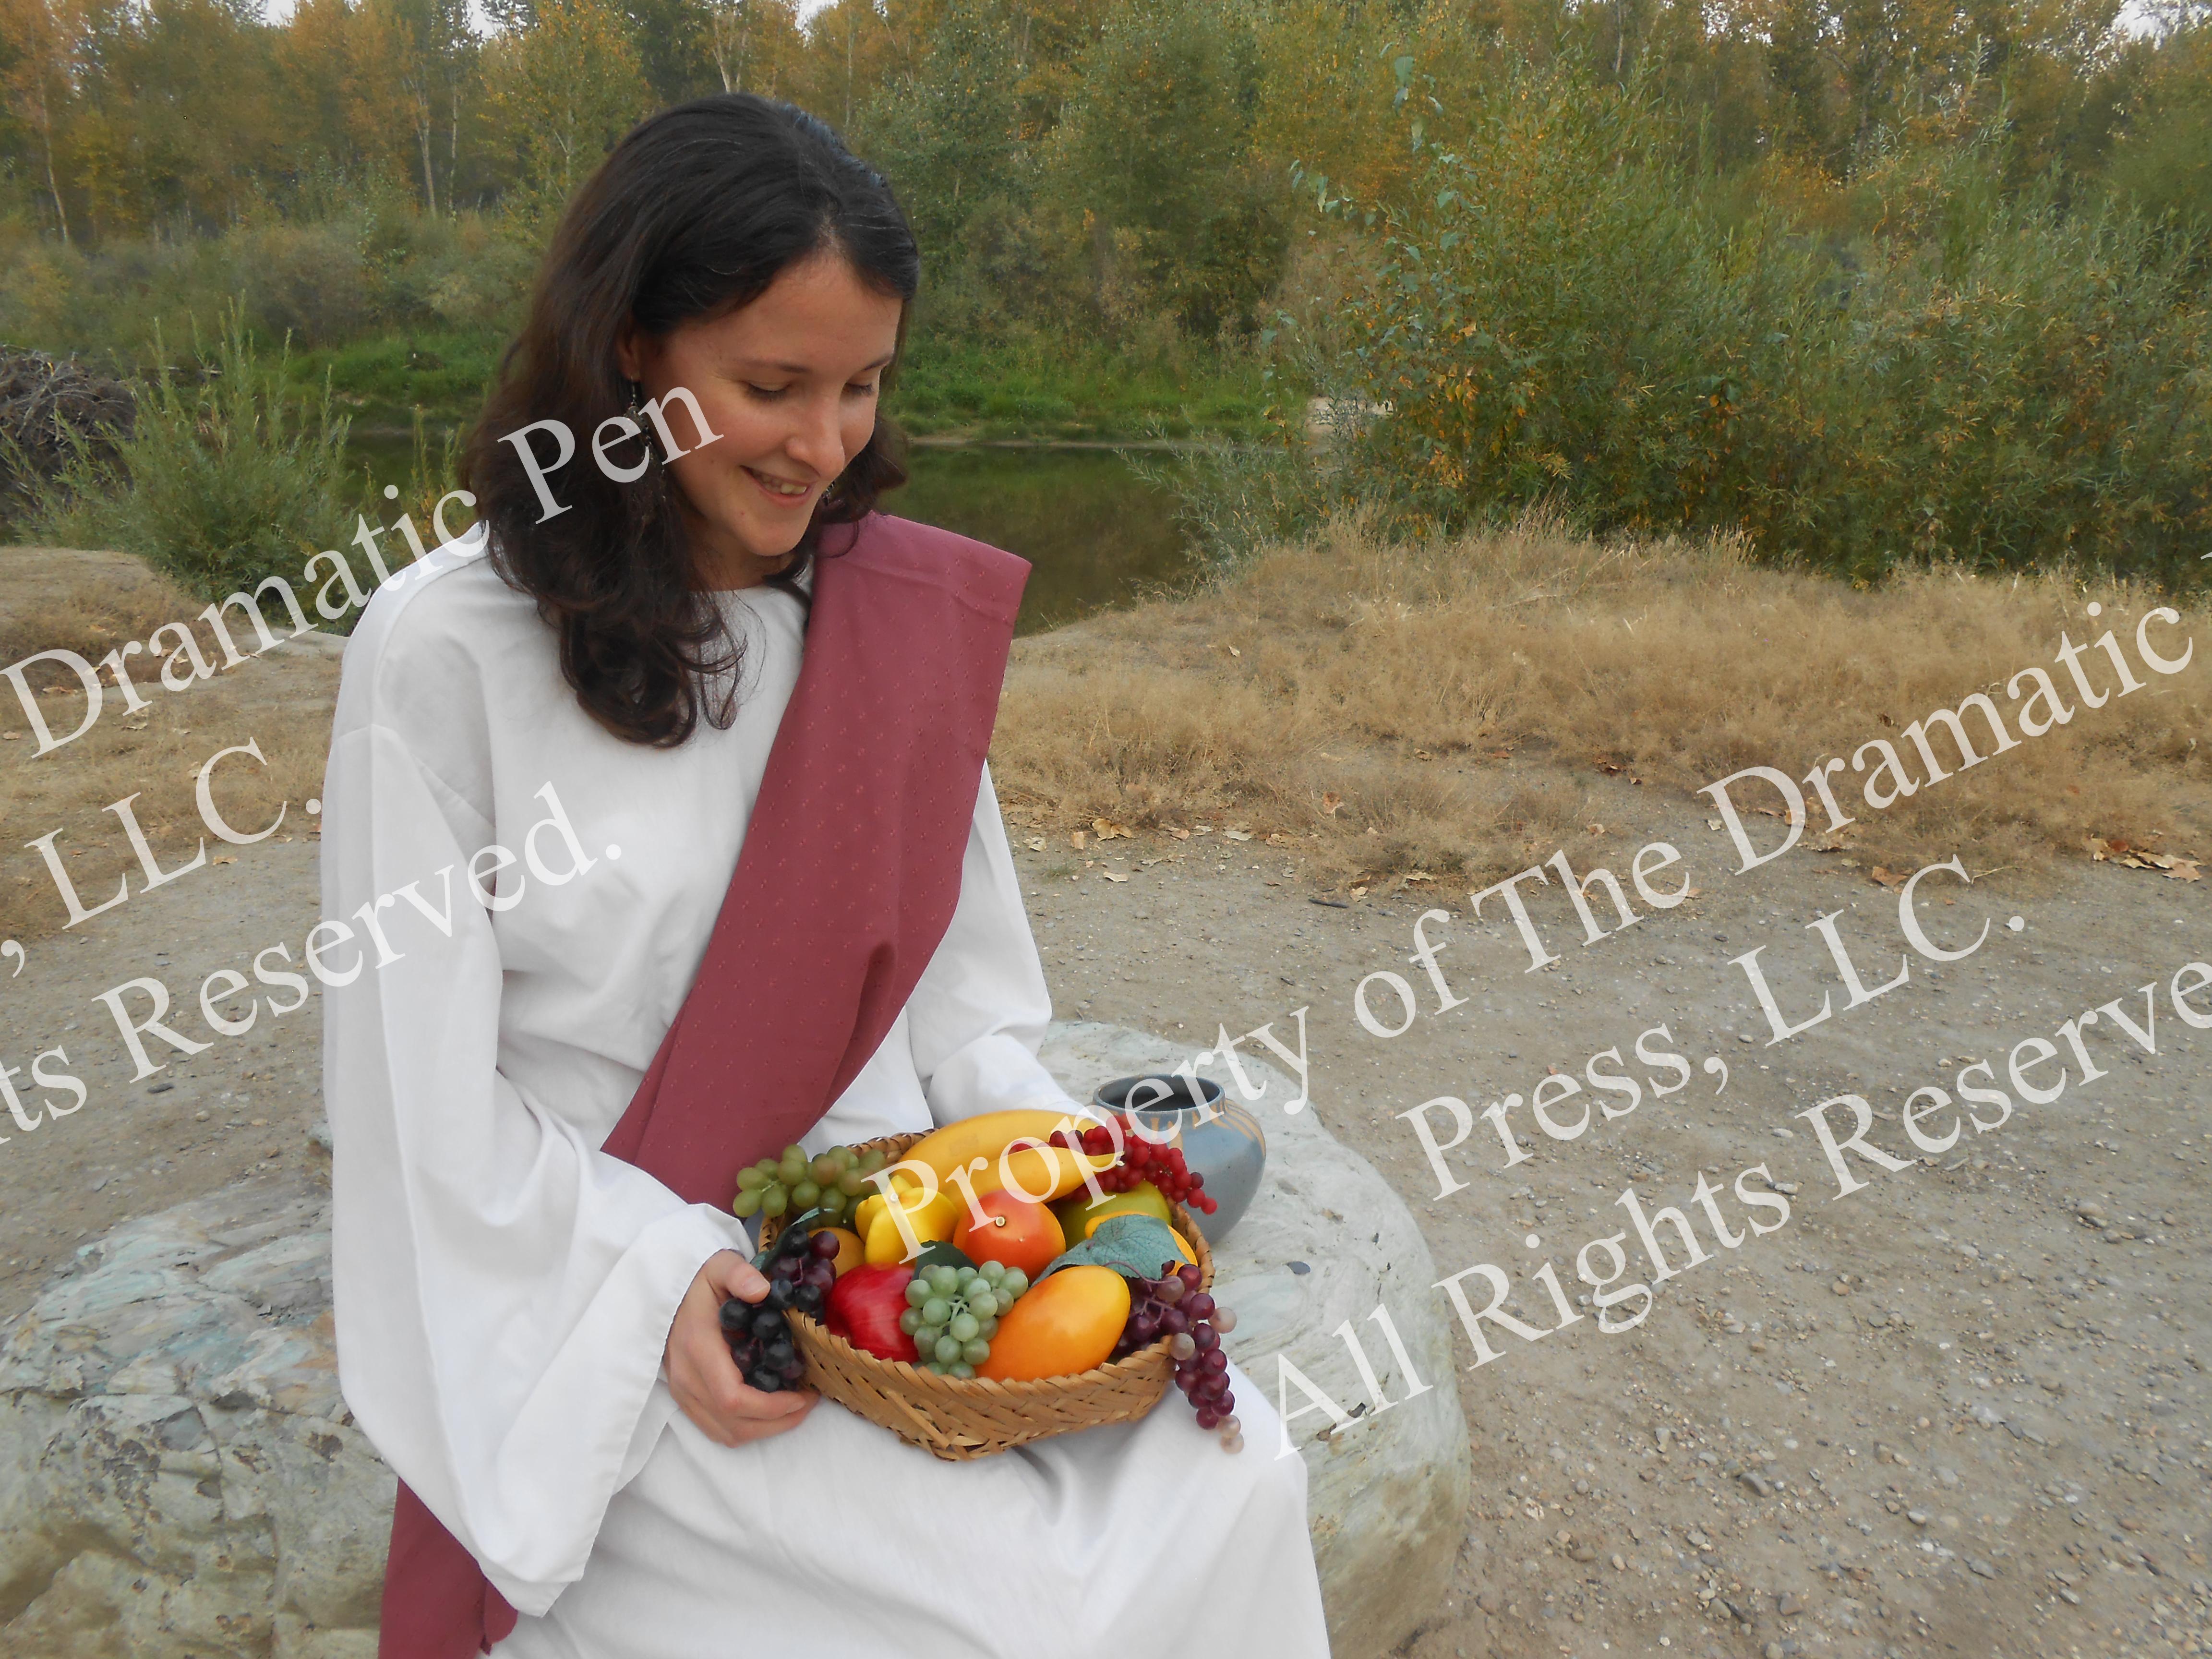 Biblical Woman Sitting & Smiling